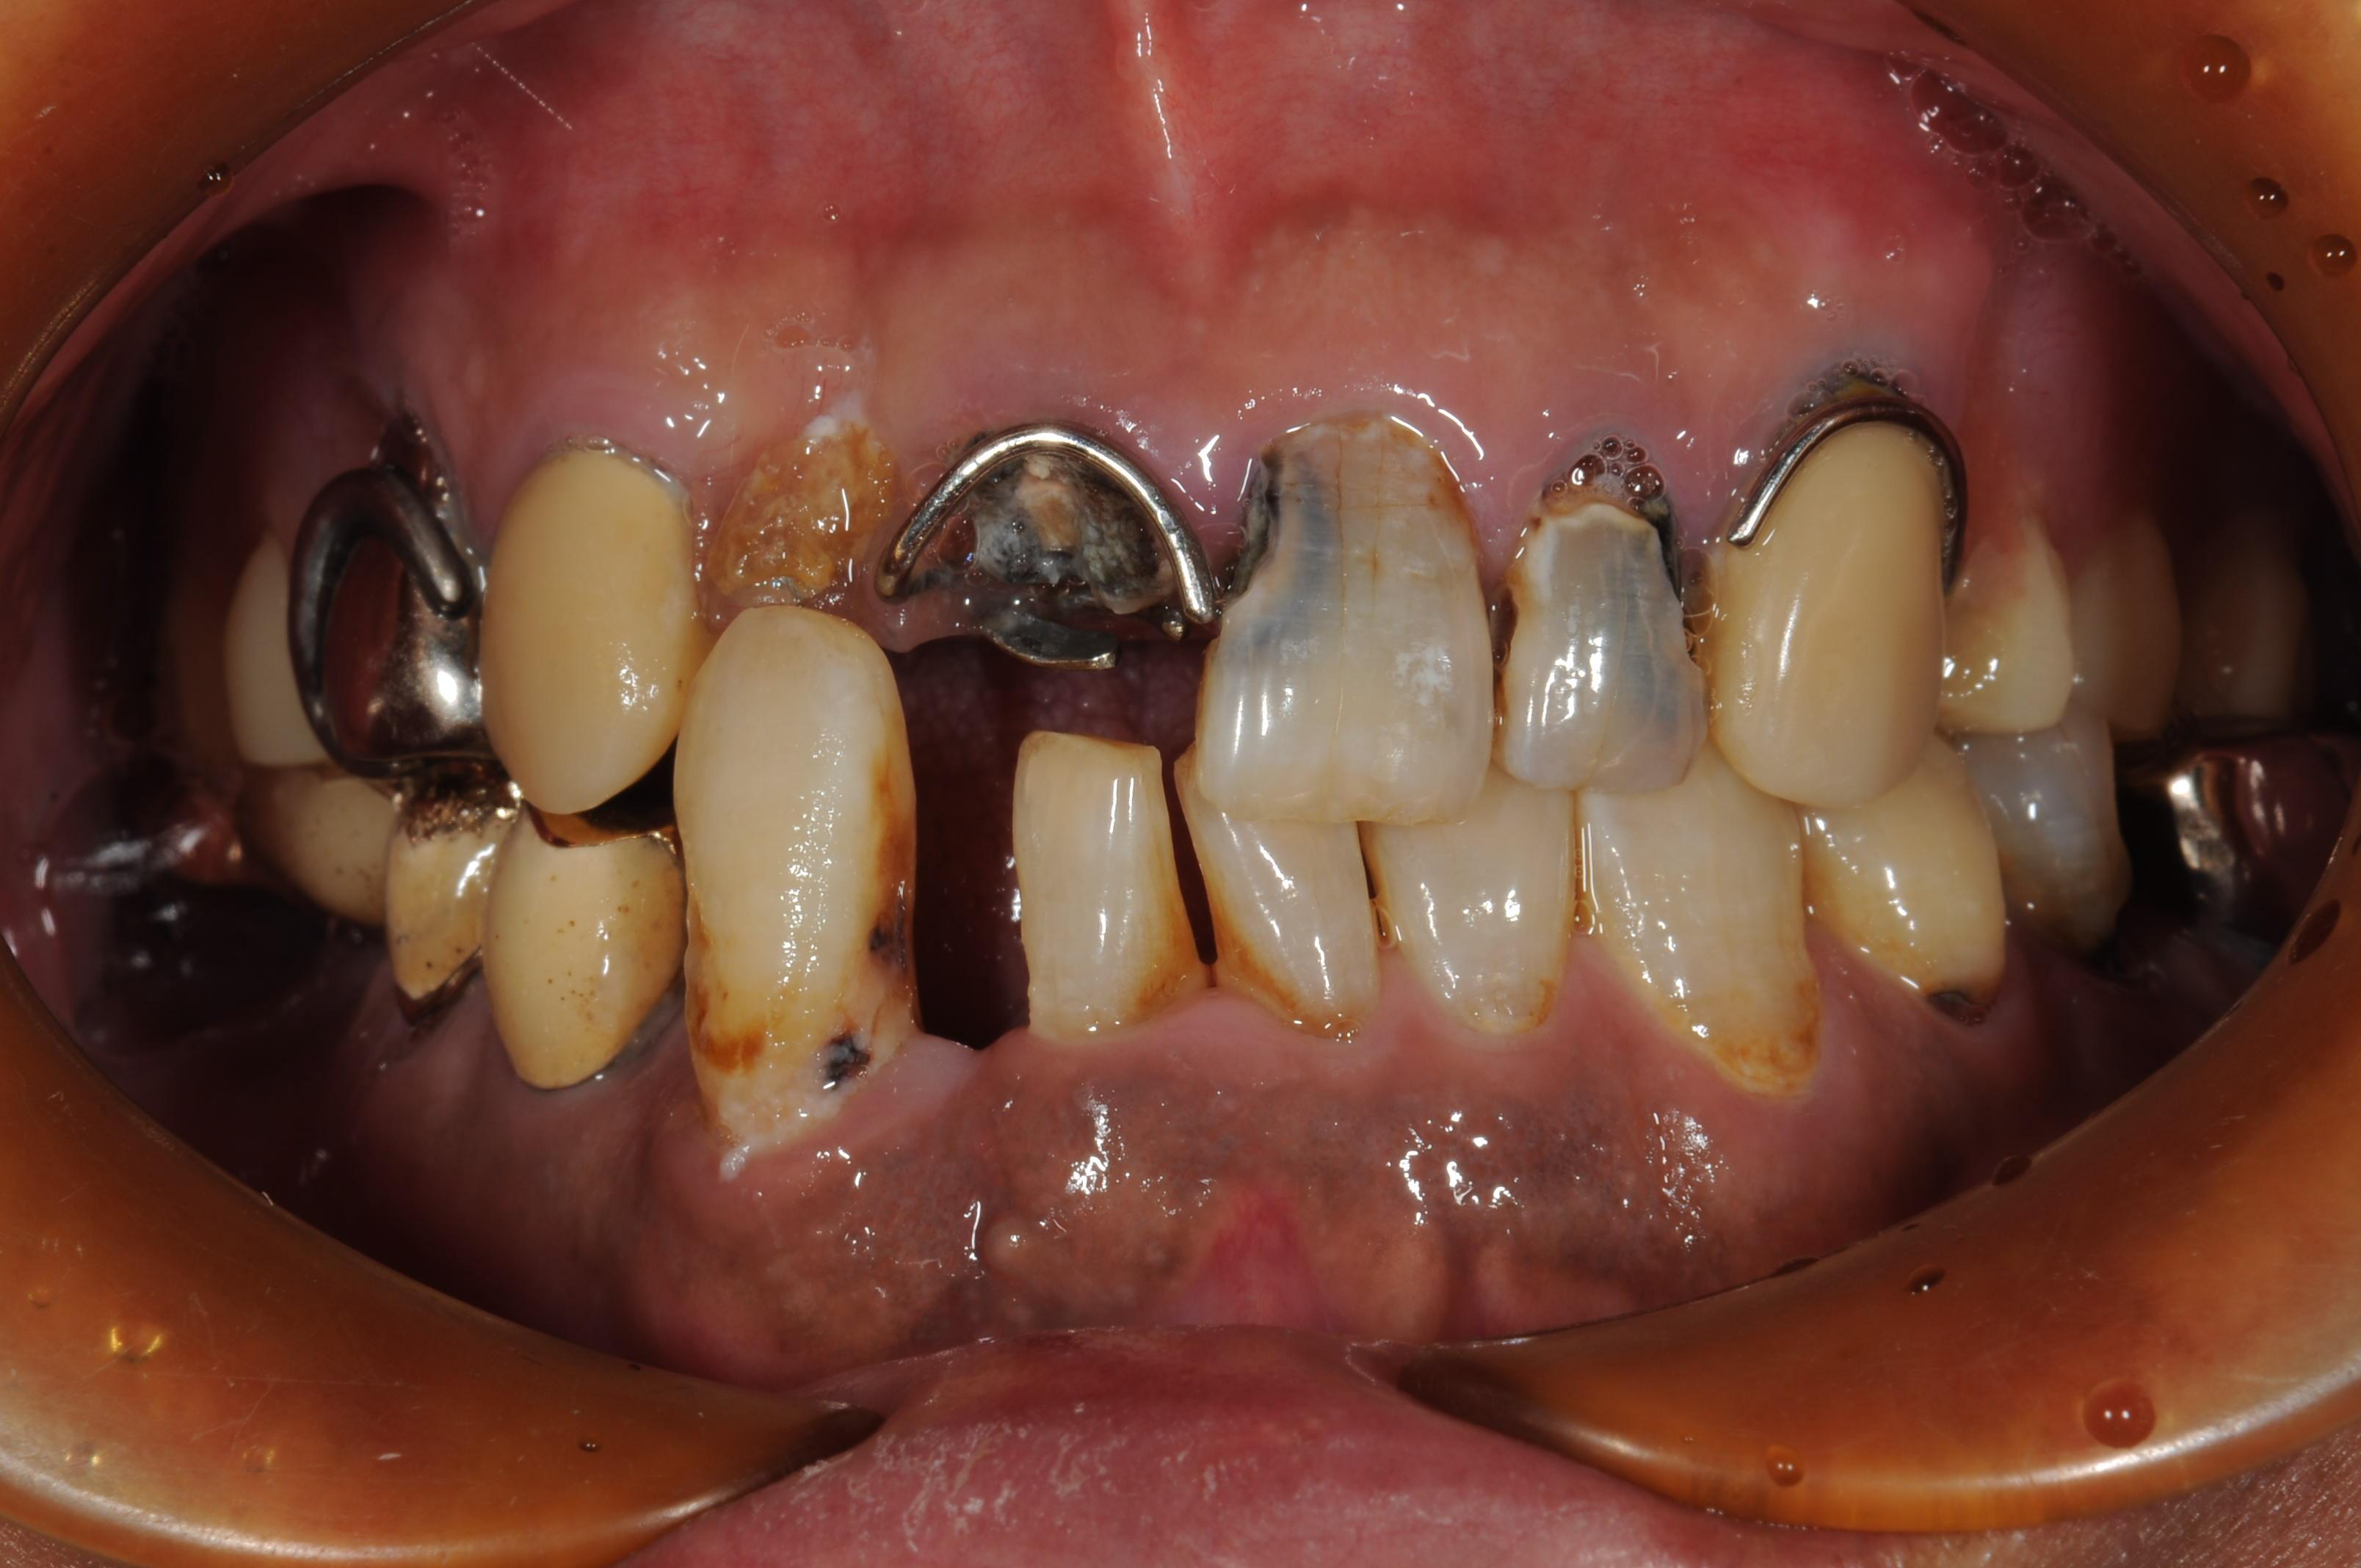 神戸三宮谷歯科クリニックでは、歯がボロボロの方でも安心して治療が出来ます